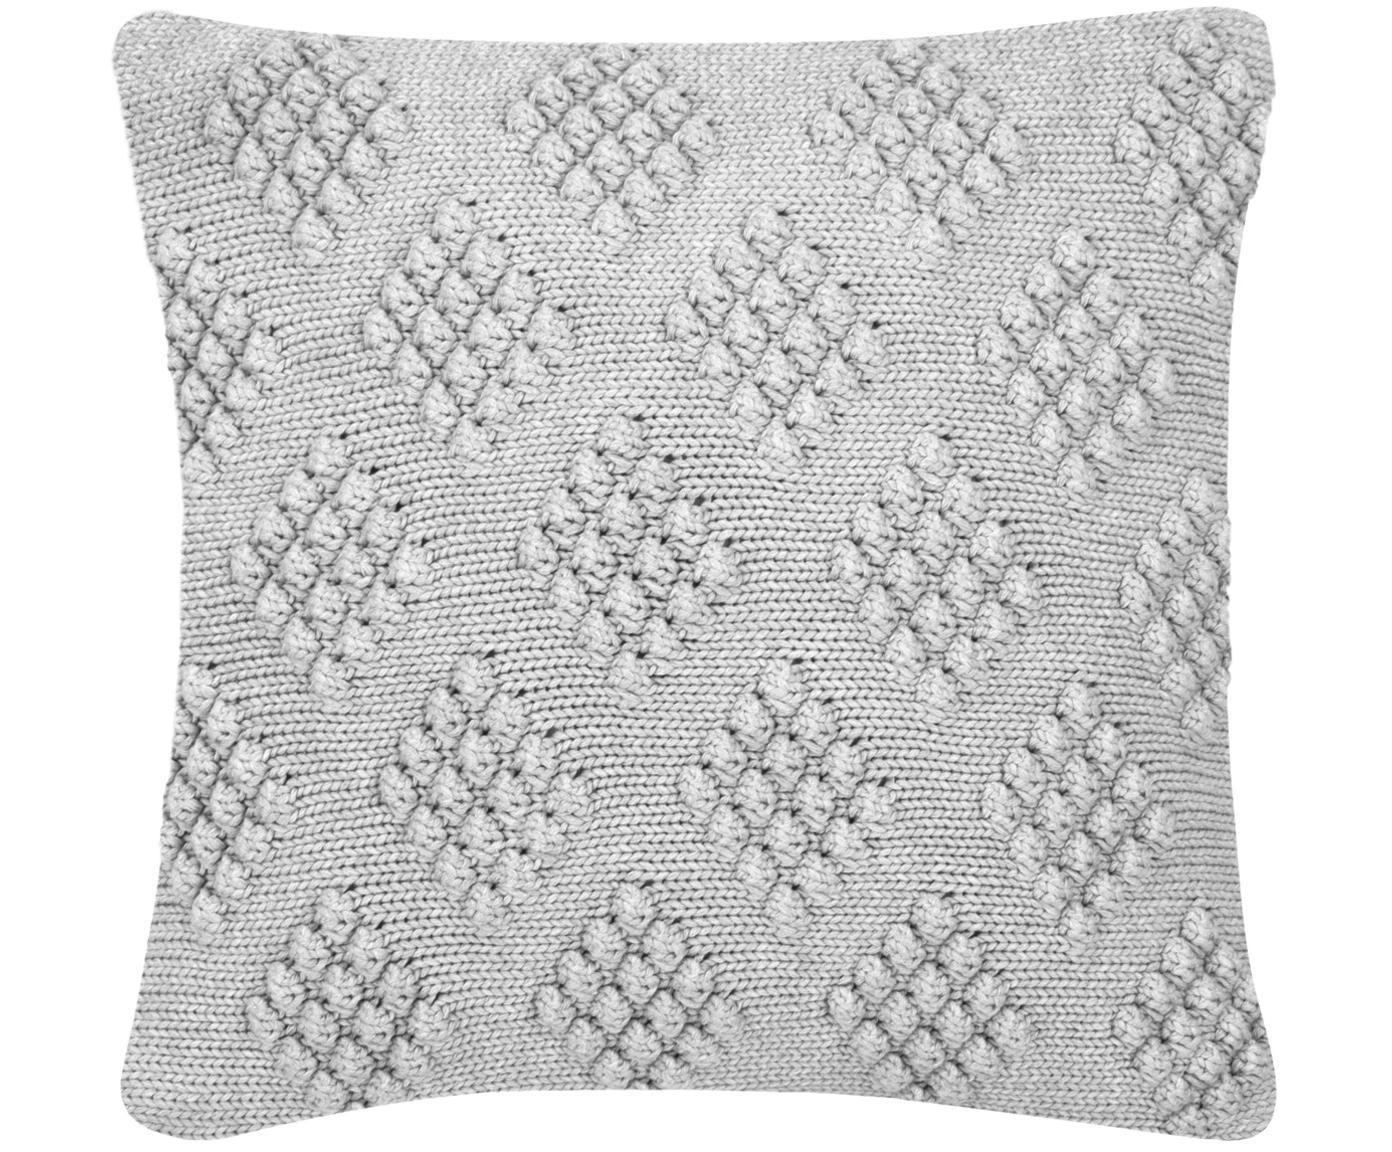 Federa arredo in cucitura a maglia Kelly, Cotone, Grigio chiaro, Larg. 40 x Lung. 40 cm